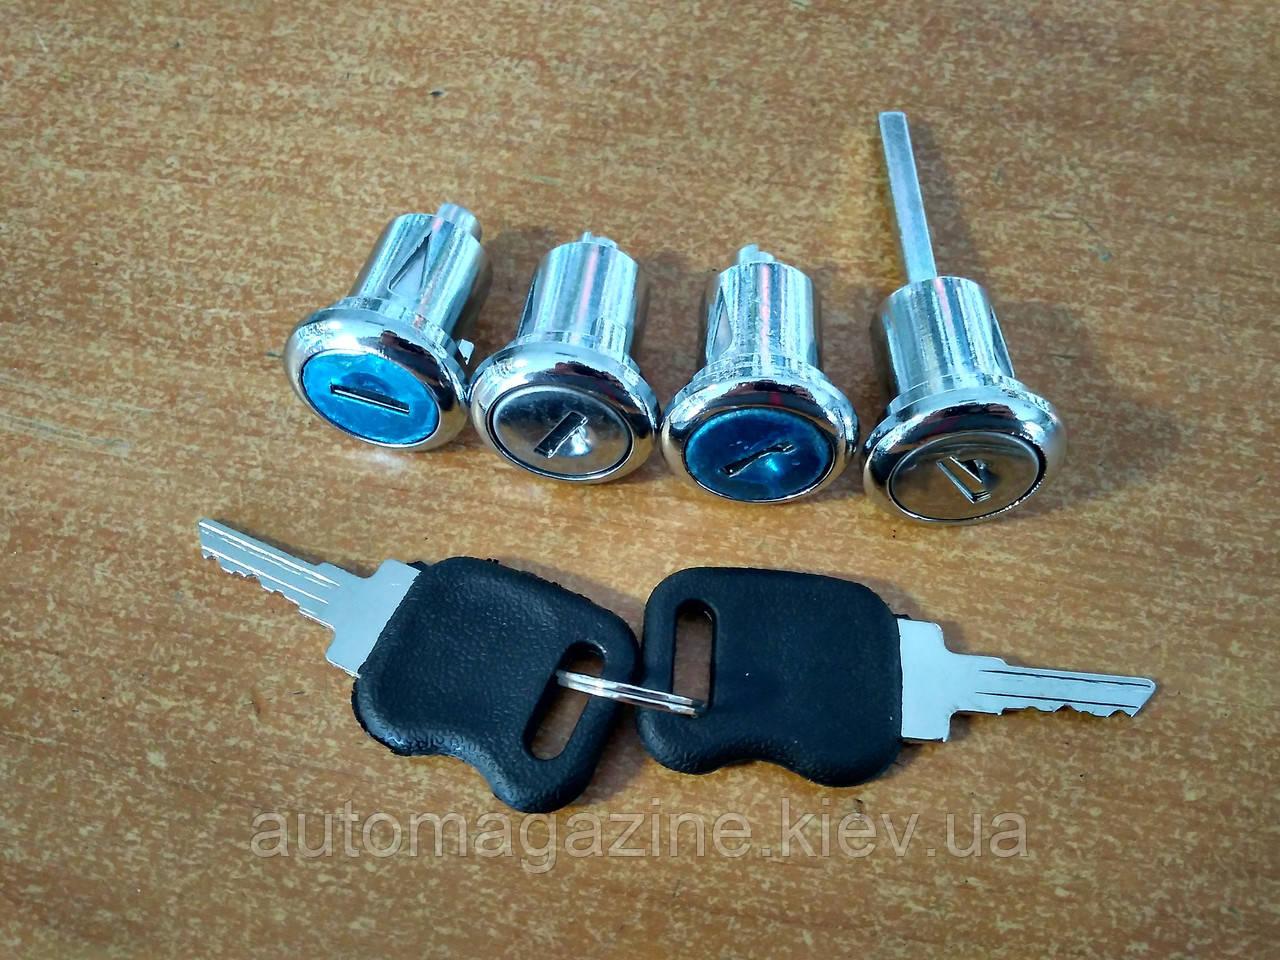 Замки (личинки) с ключами новый образец для Газель 2705, Соболь